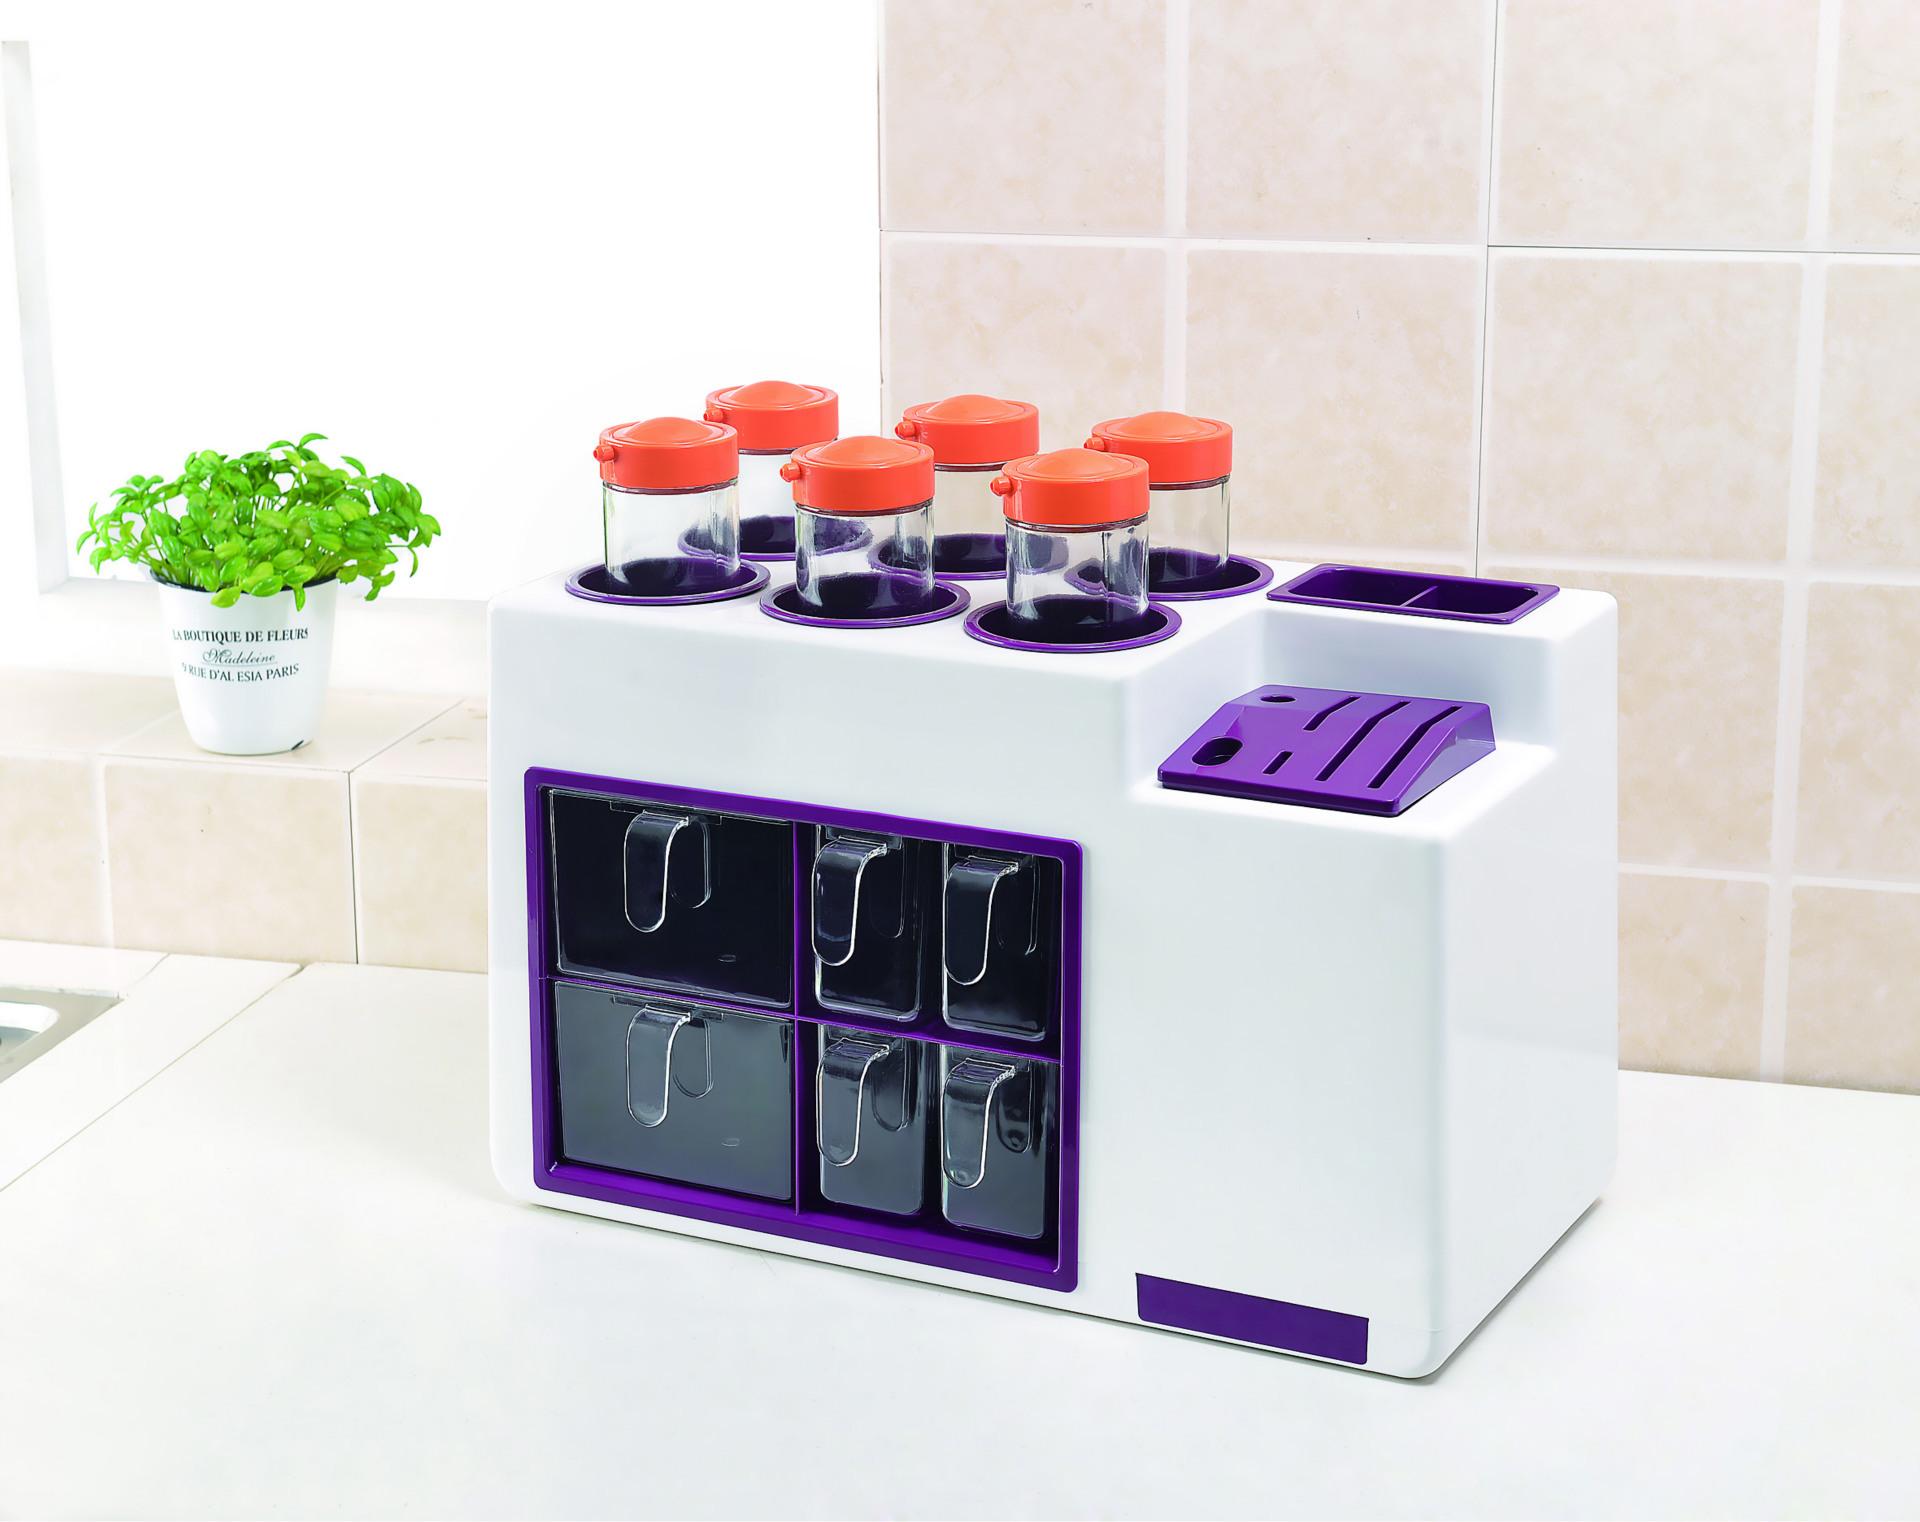 厨房置物架 多功能调料品厨房收纳 刀架调料架塑料厂家直销